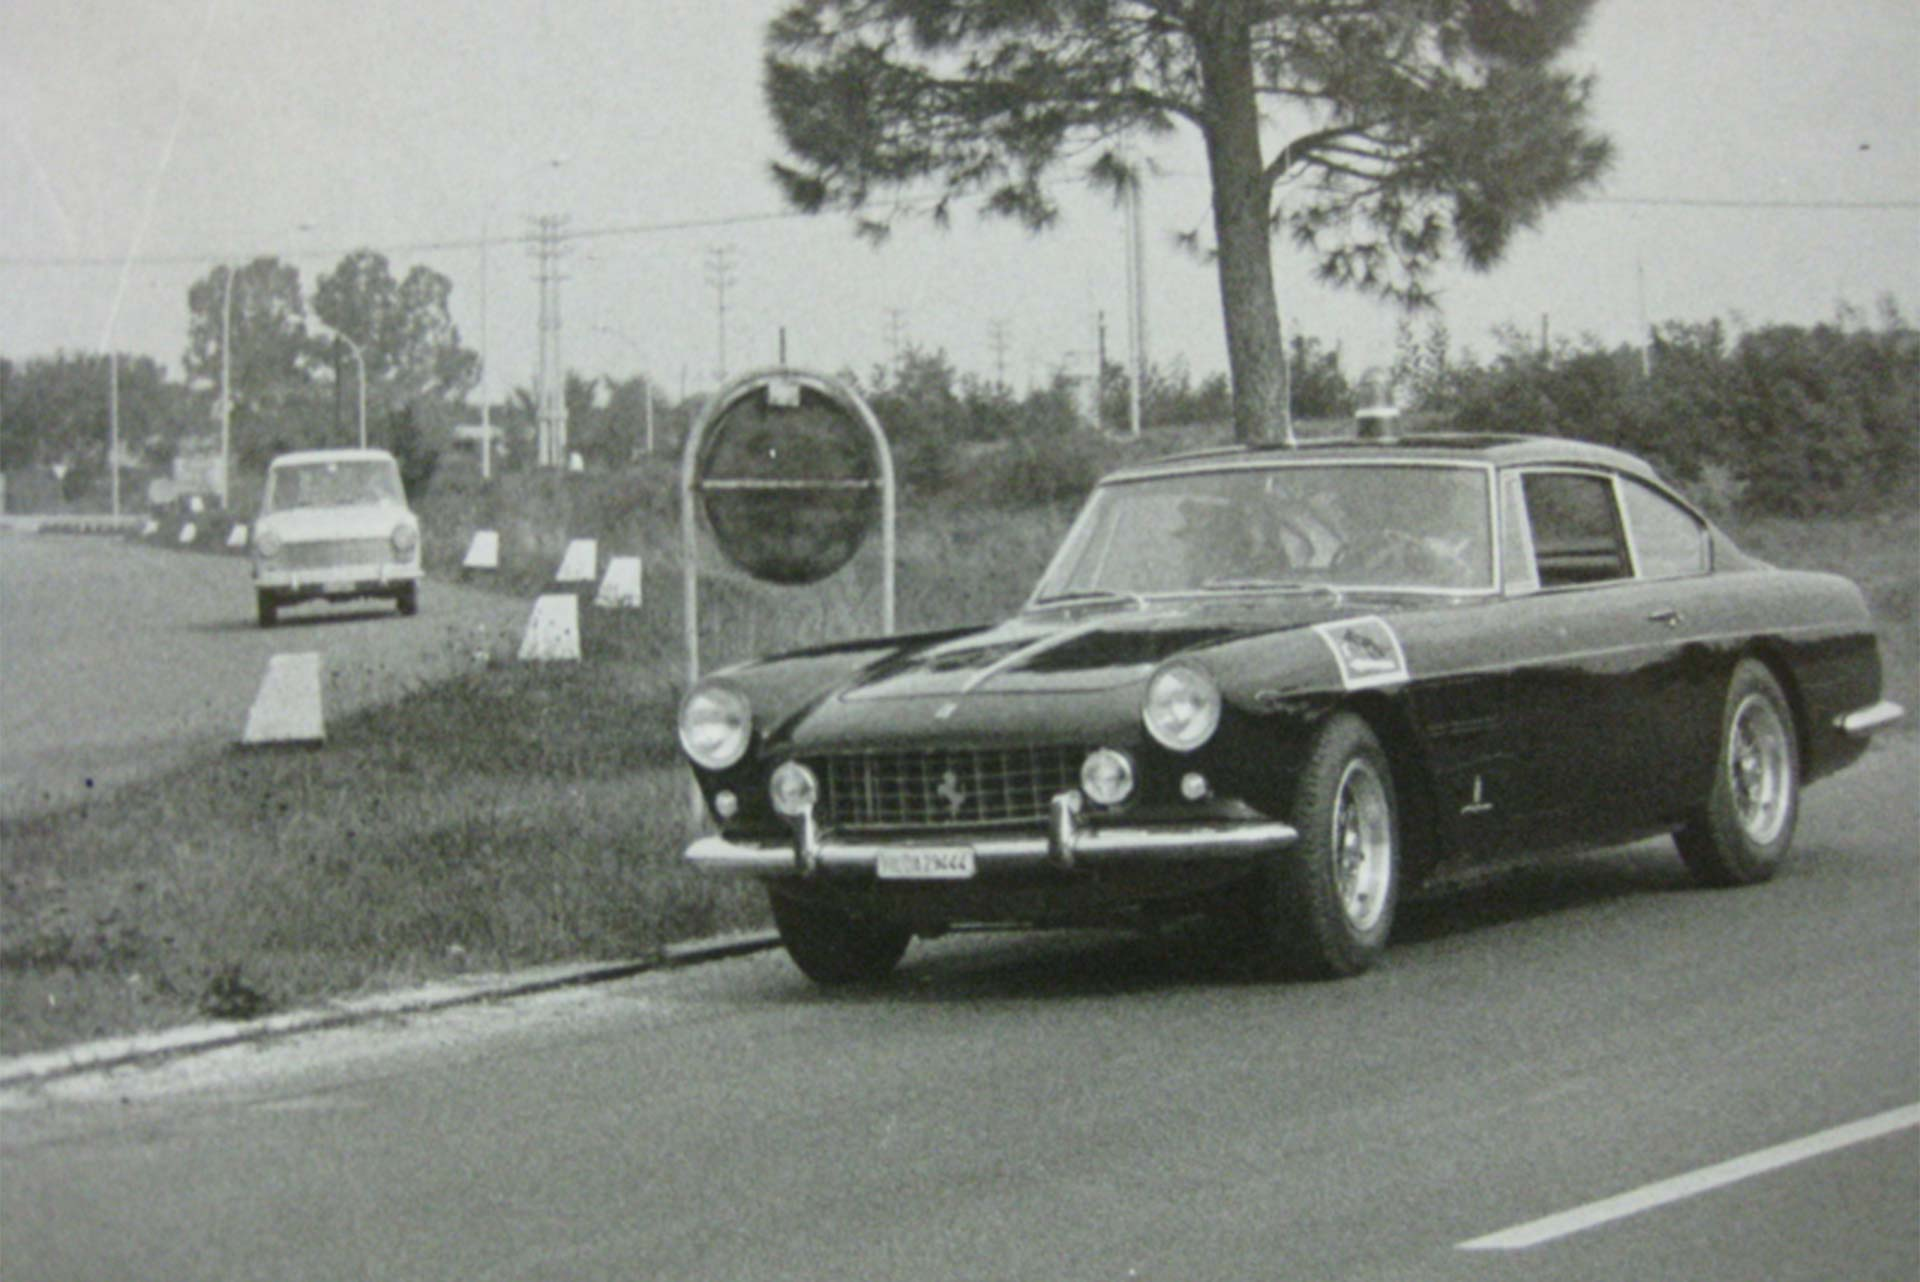 A Ferrari viatura cumprindo seu dever nos anos 60